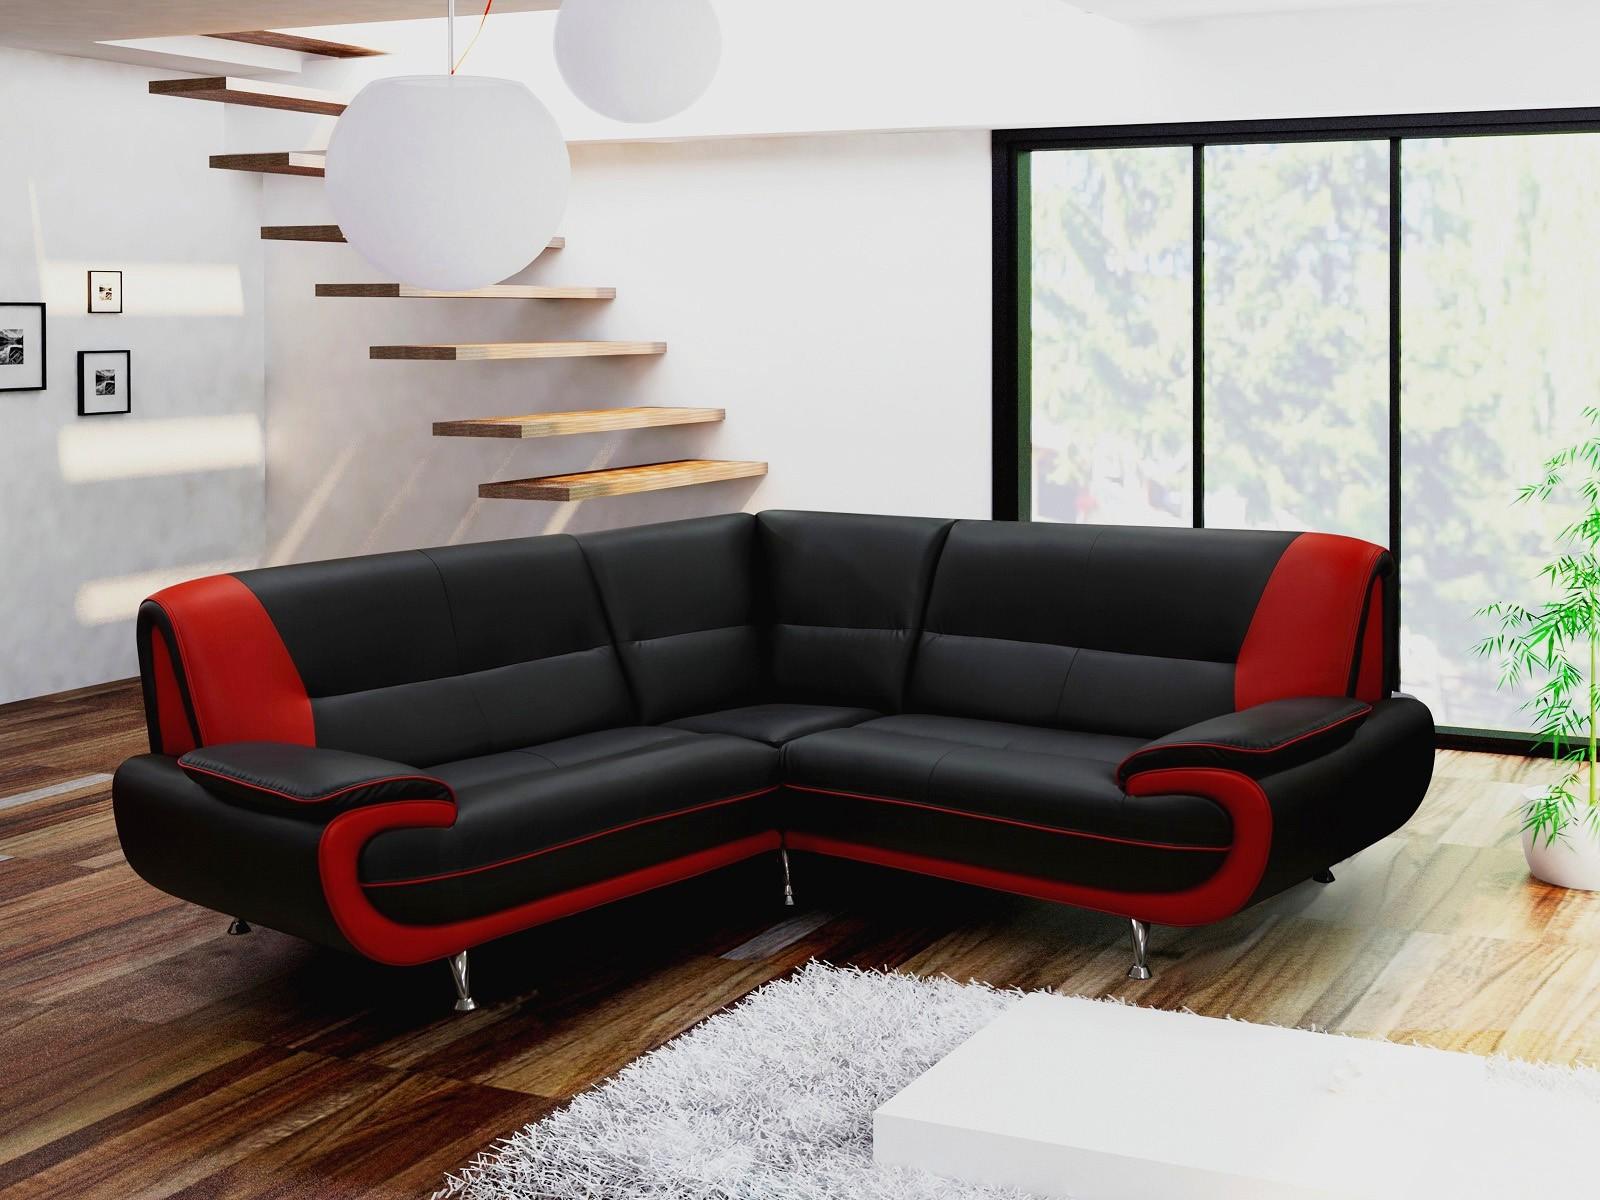 Canapé D'angle Rouge Et Noir